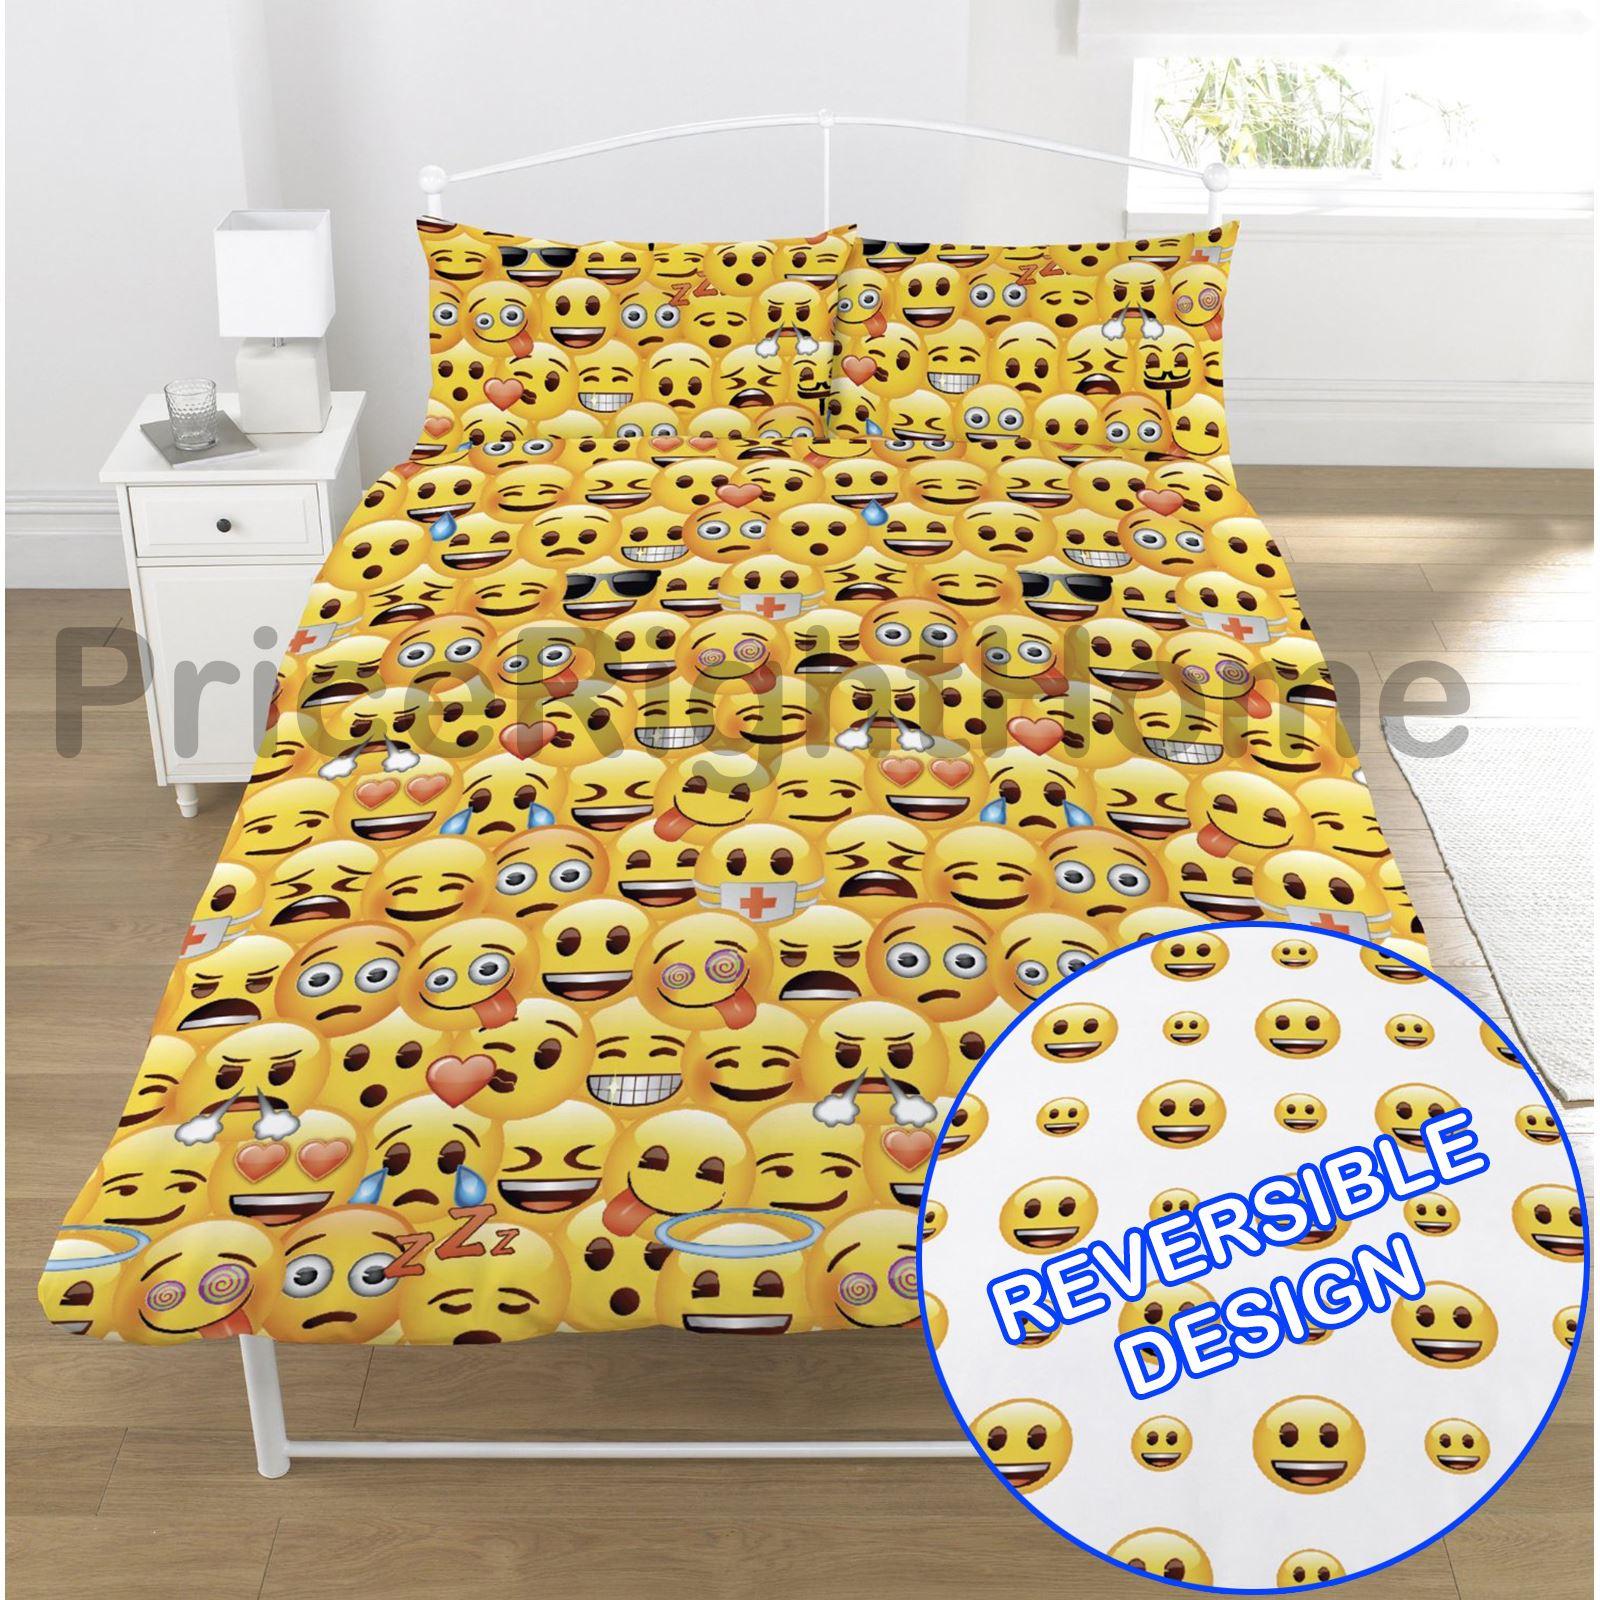 Indexbild 170 - Teenager Bettwäsche Sets - Einzel / Doppelbett Bettwäsche Jungen Musik Graffiti